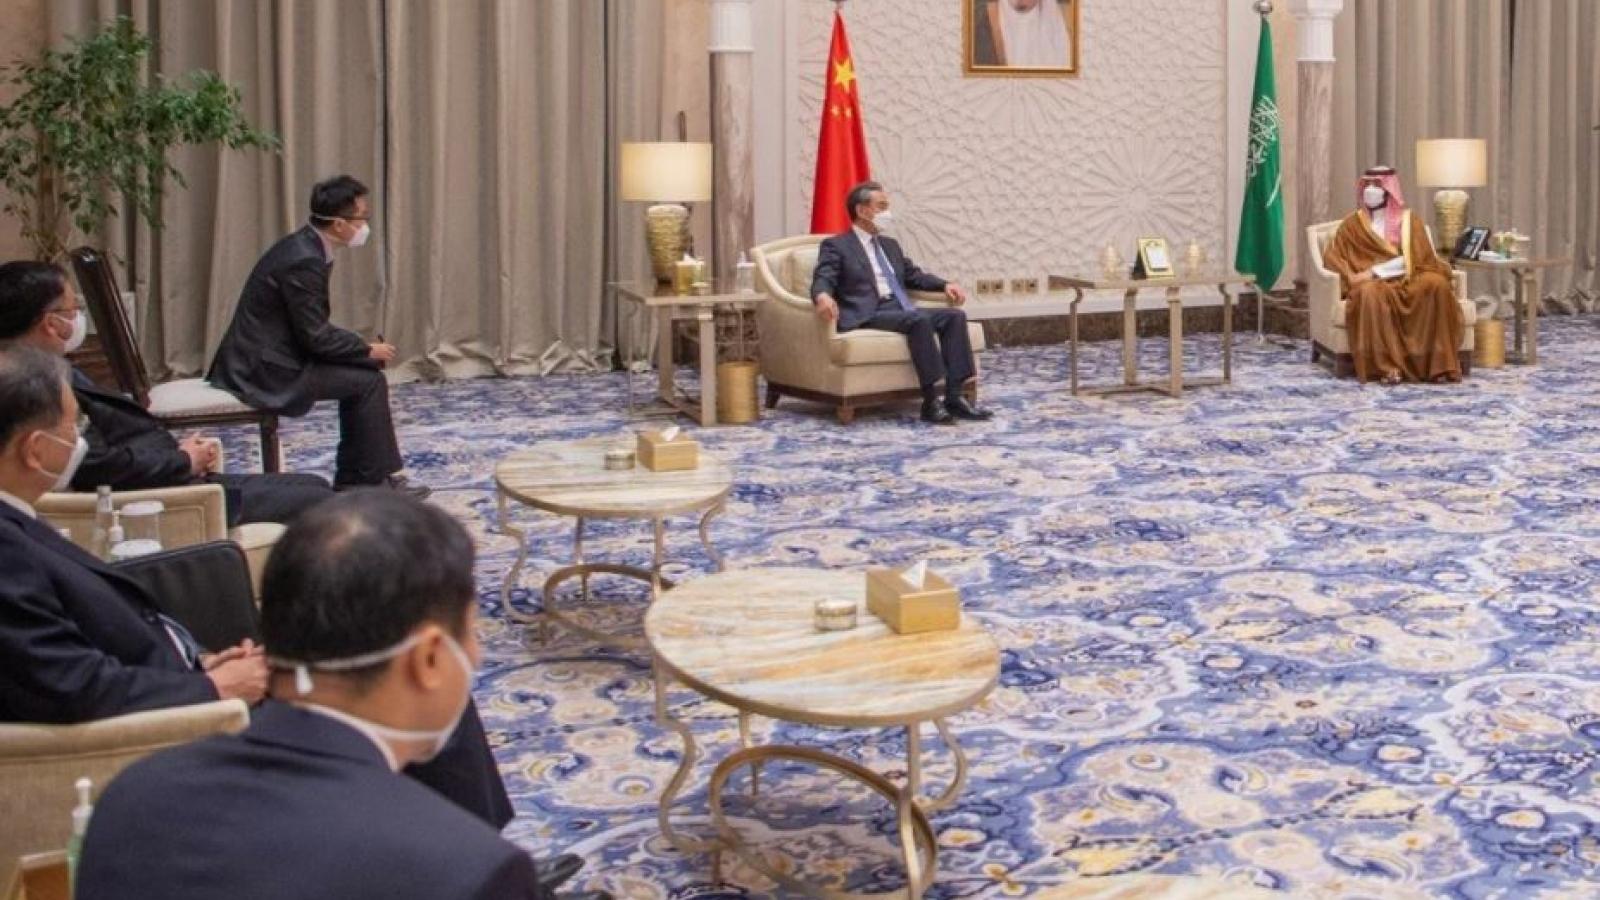 Ngoại trưởng Trung Quốc thăm Trung Đông: Cạnh tranh ảnh hưởng với Mỹ?